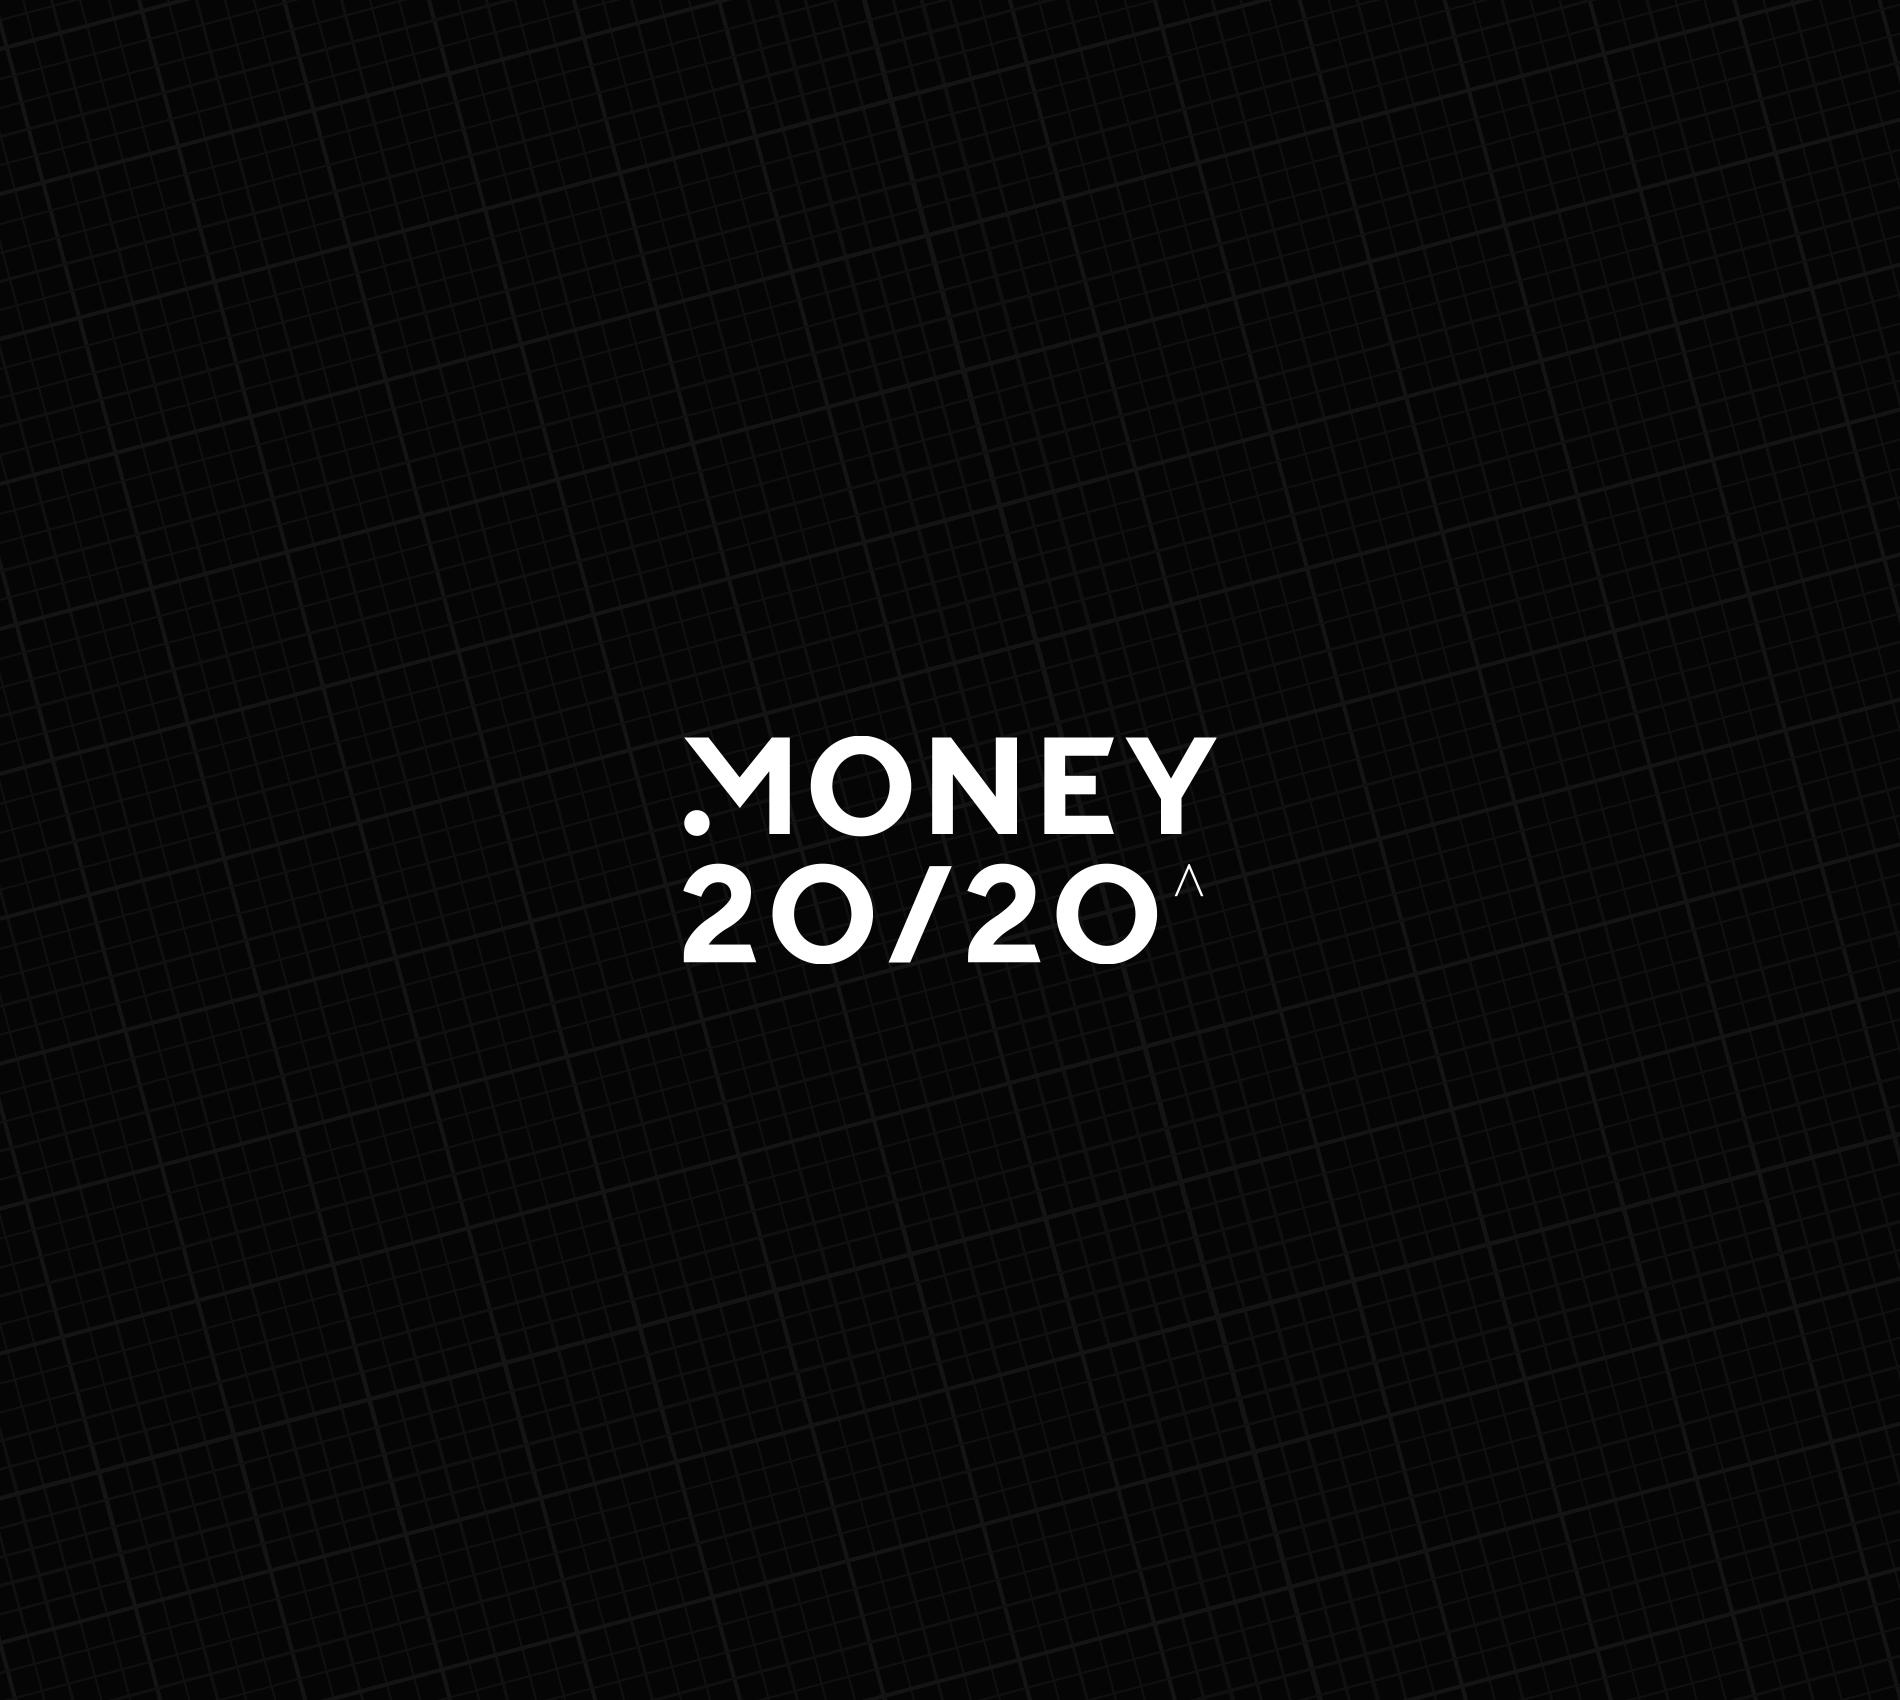 MoneyFest 2020